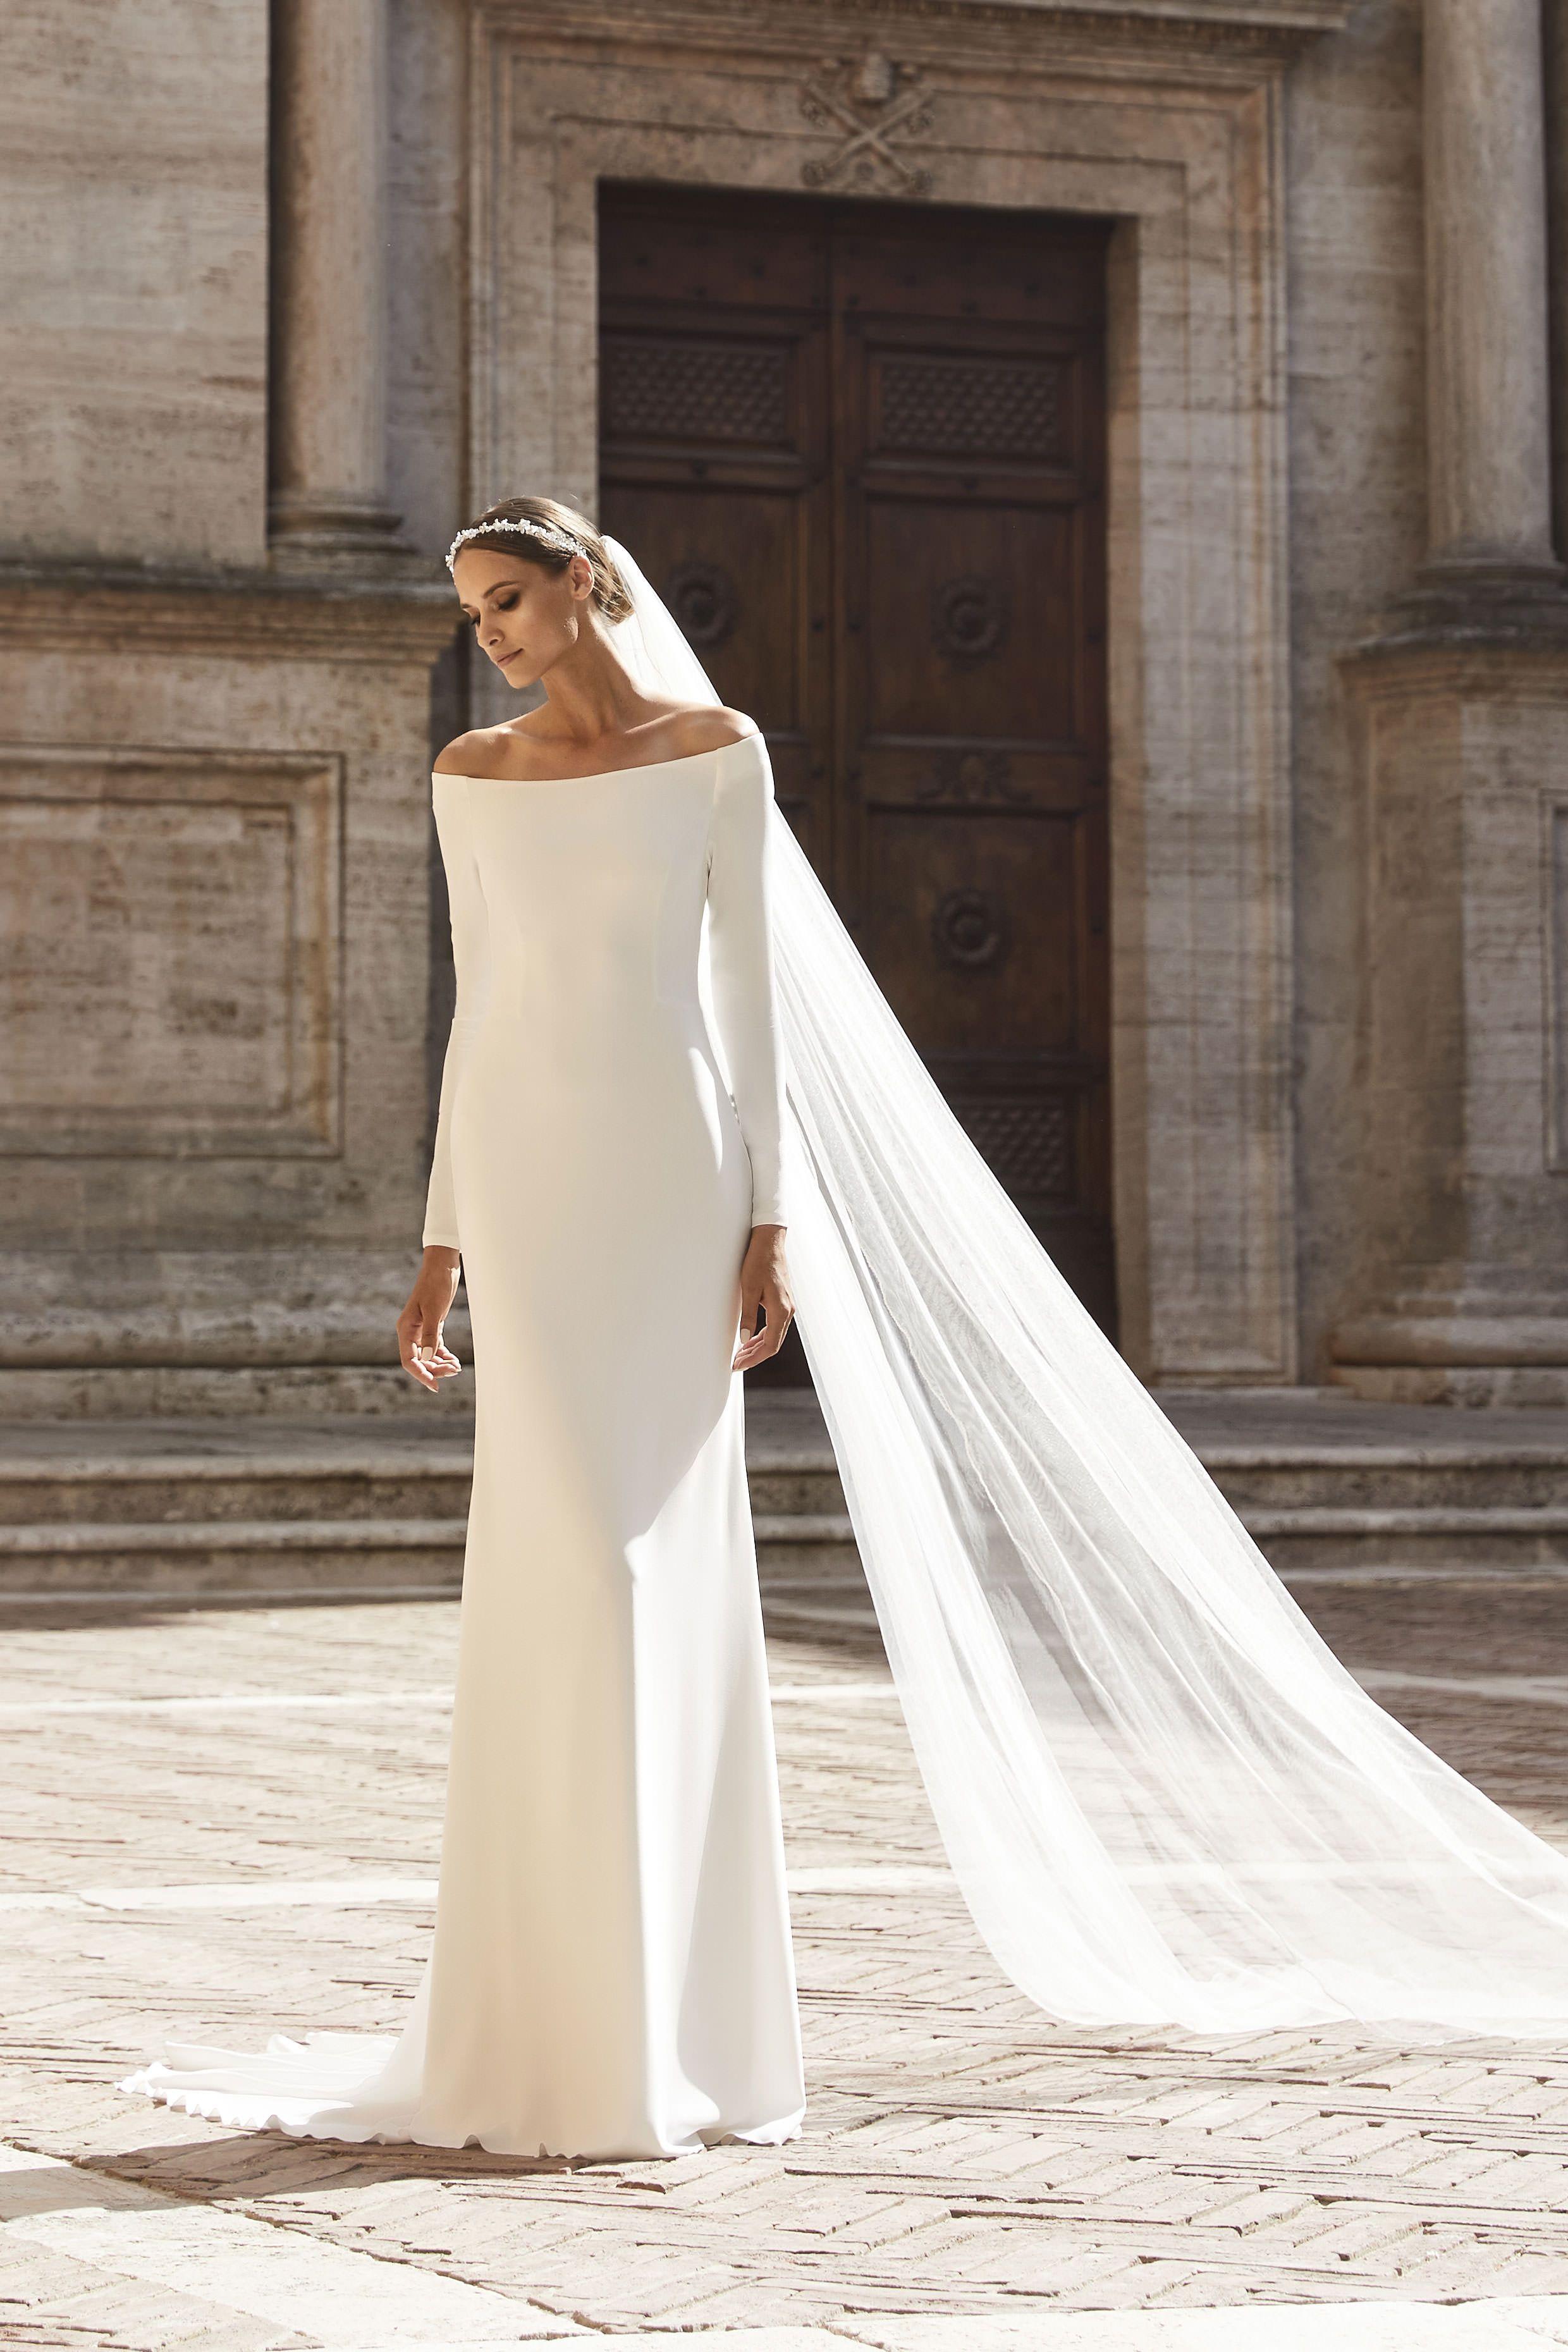 BIANCO EVENTO Brautkleid schlicht schick  Classy wedding dress